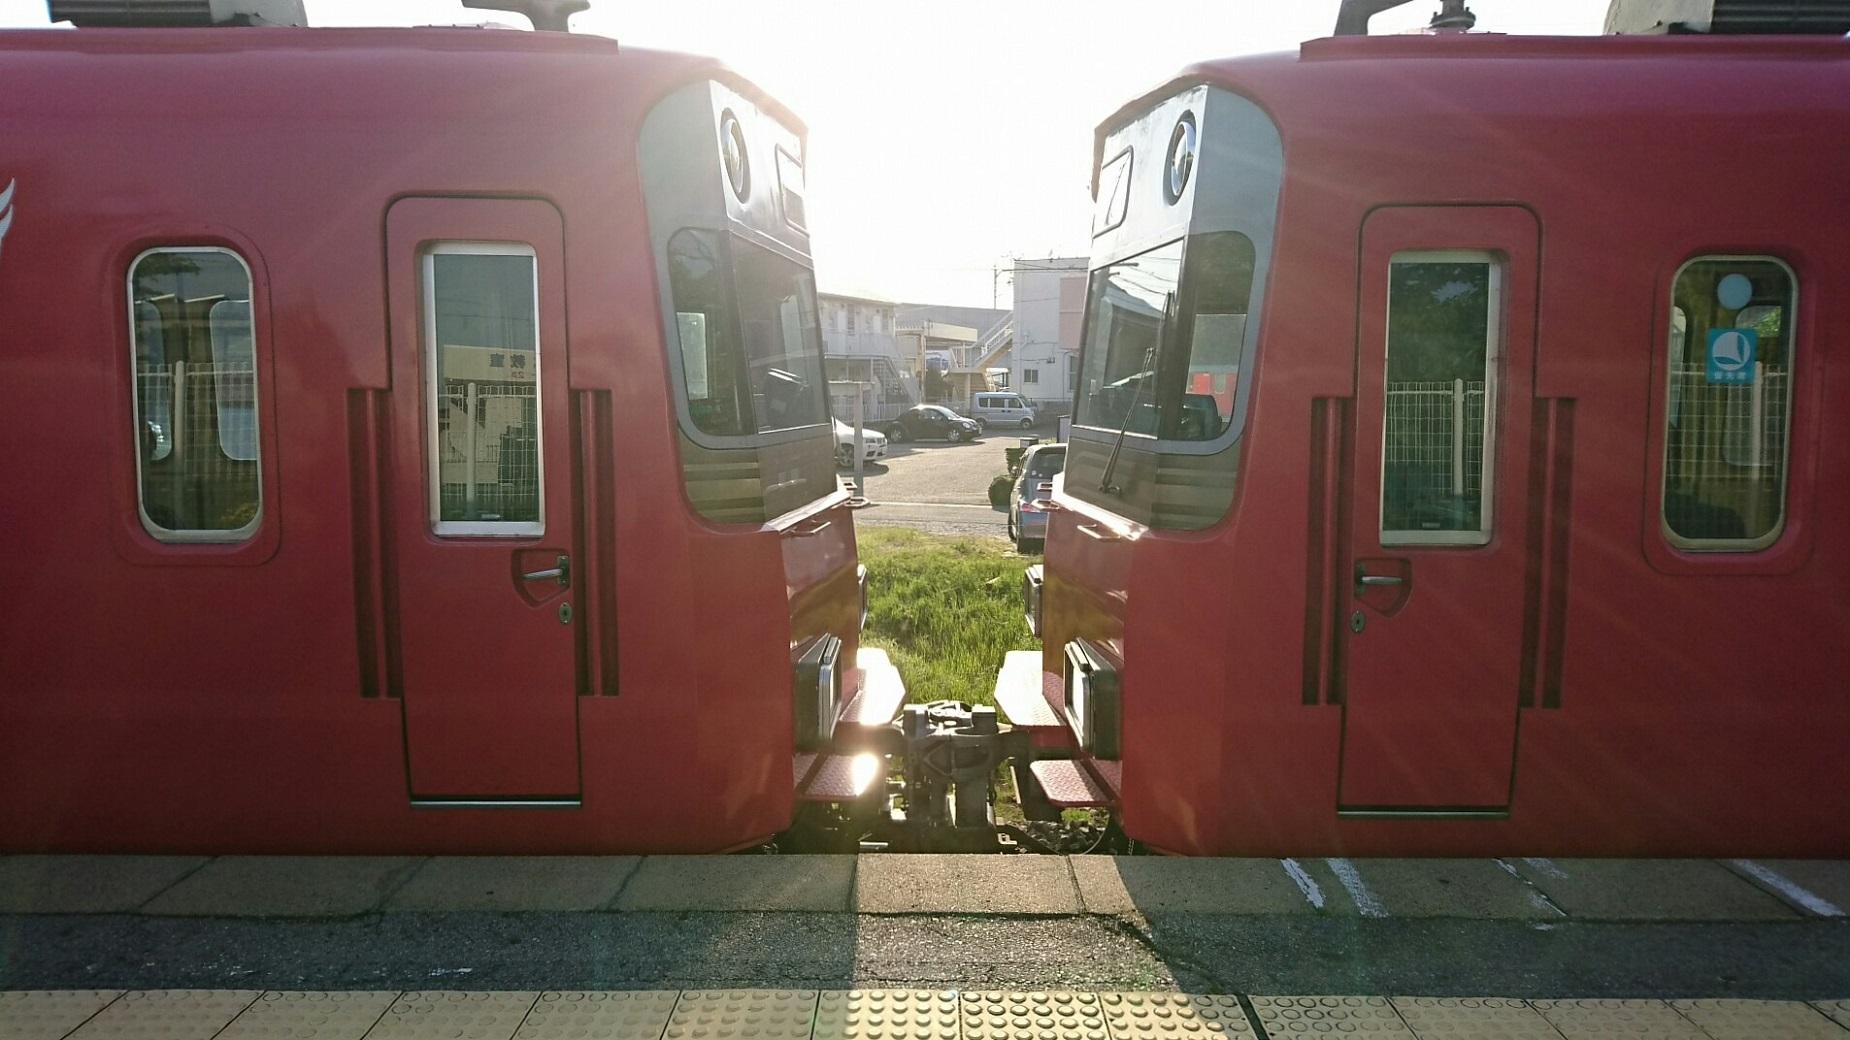 2018.4.20 堀内公園 (9) 古井 - しんあんじょういきふつう 1850-1040